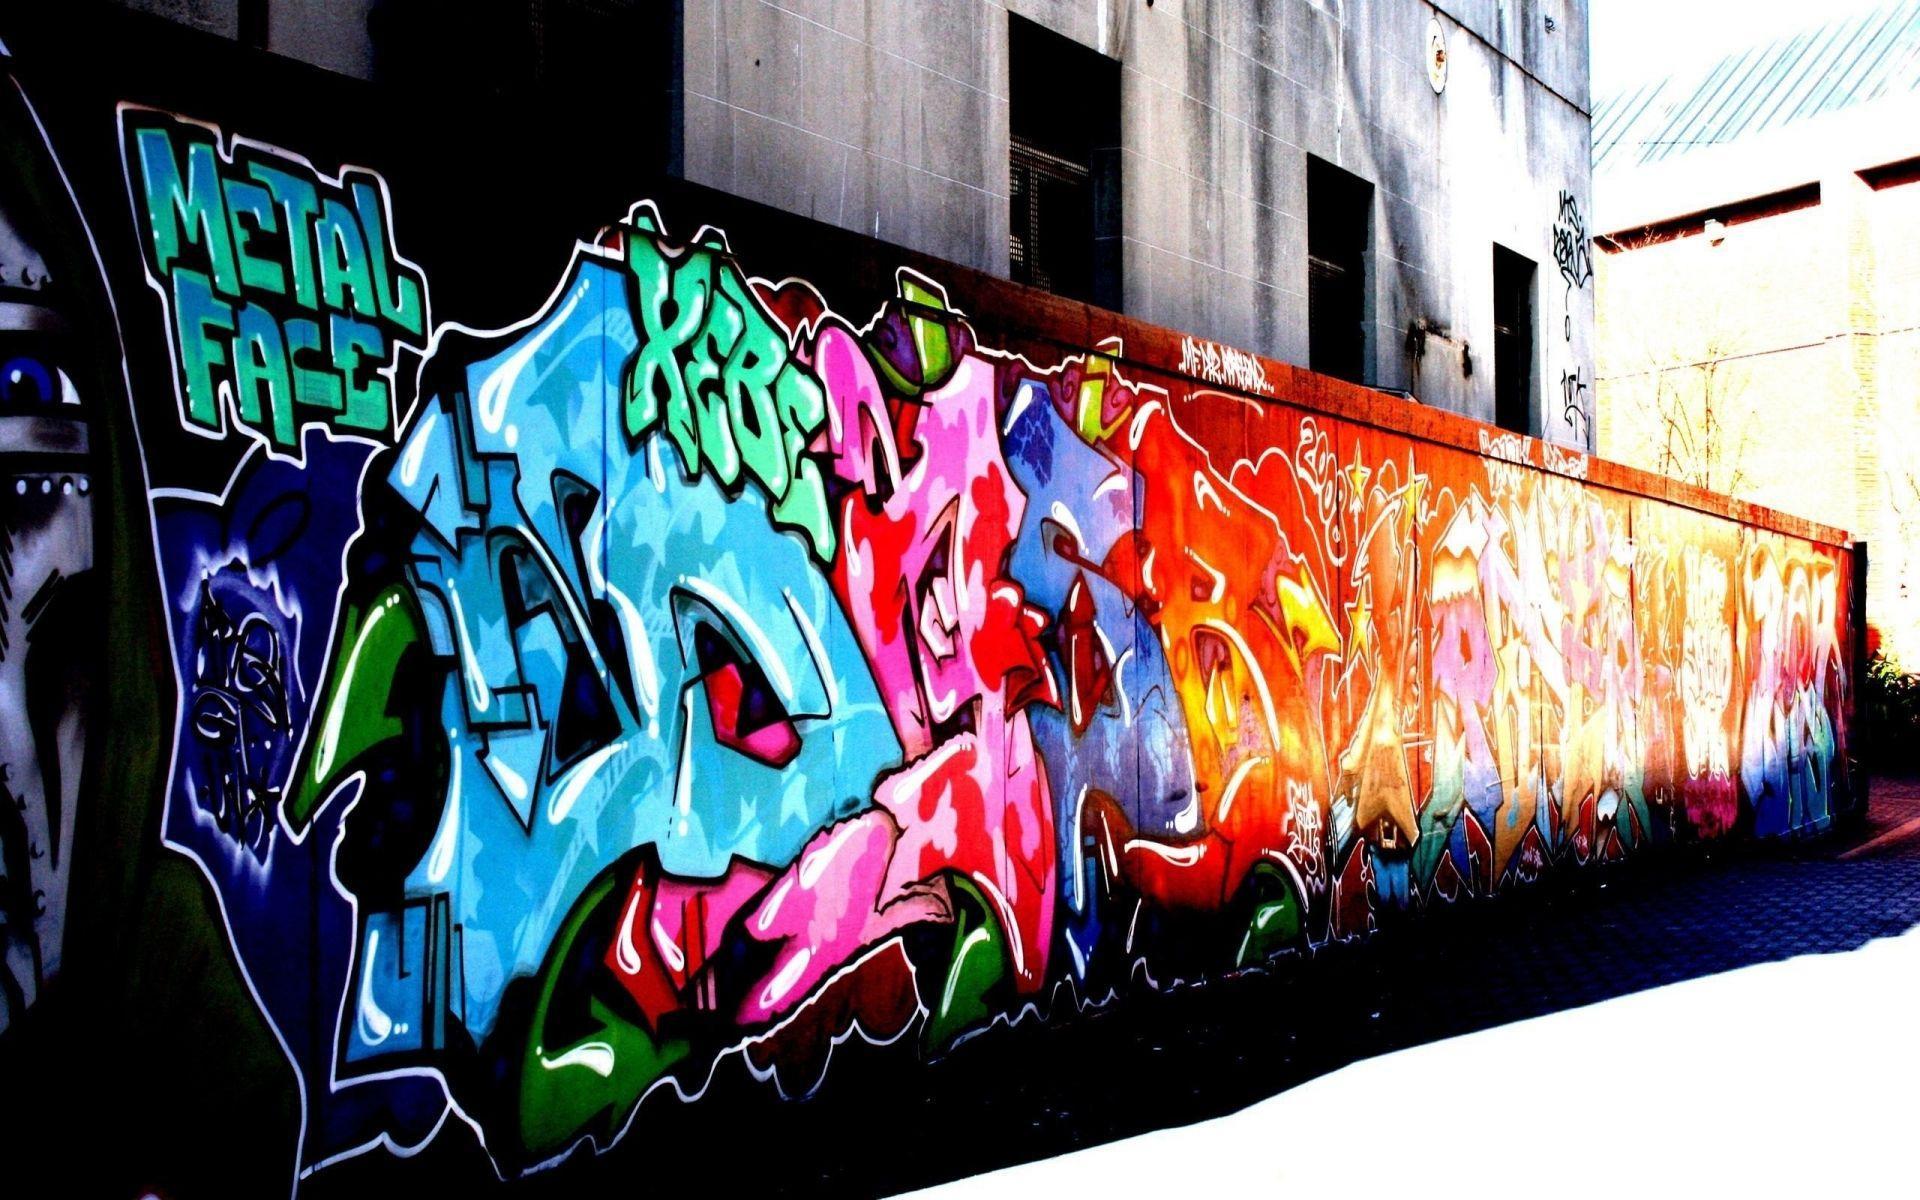 1920x1200 Urban Graffiti Desktop Background Hình nền nghệ thuật đô thị - Hình nền